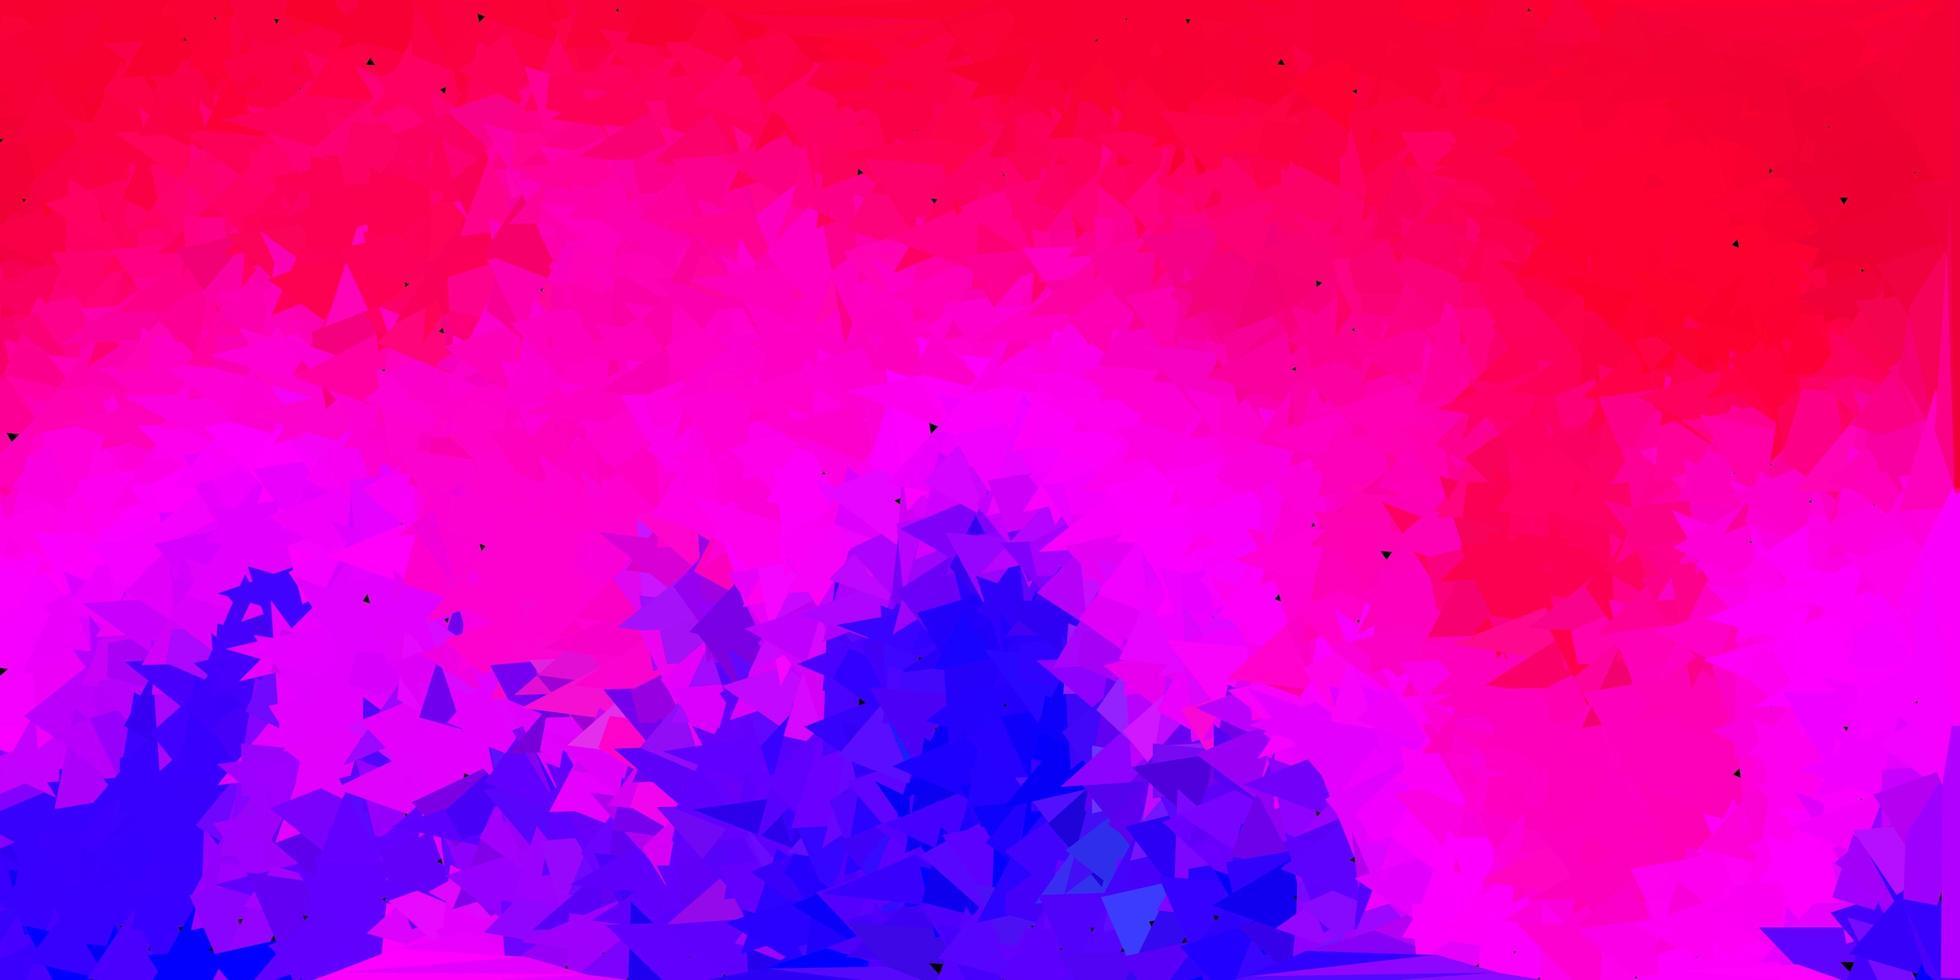 mörkrosa, röda vektor geometriska månghörnigt layout.